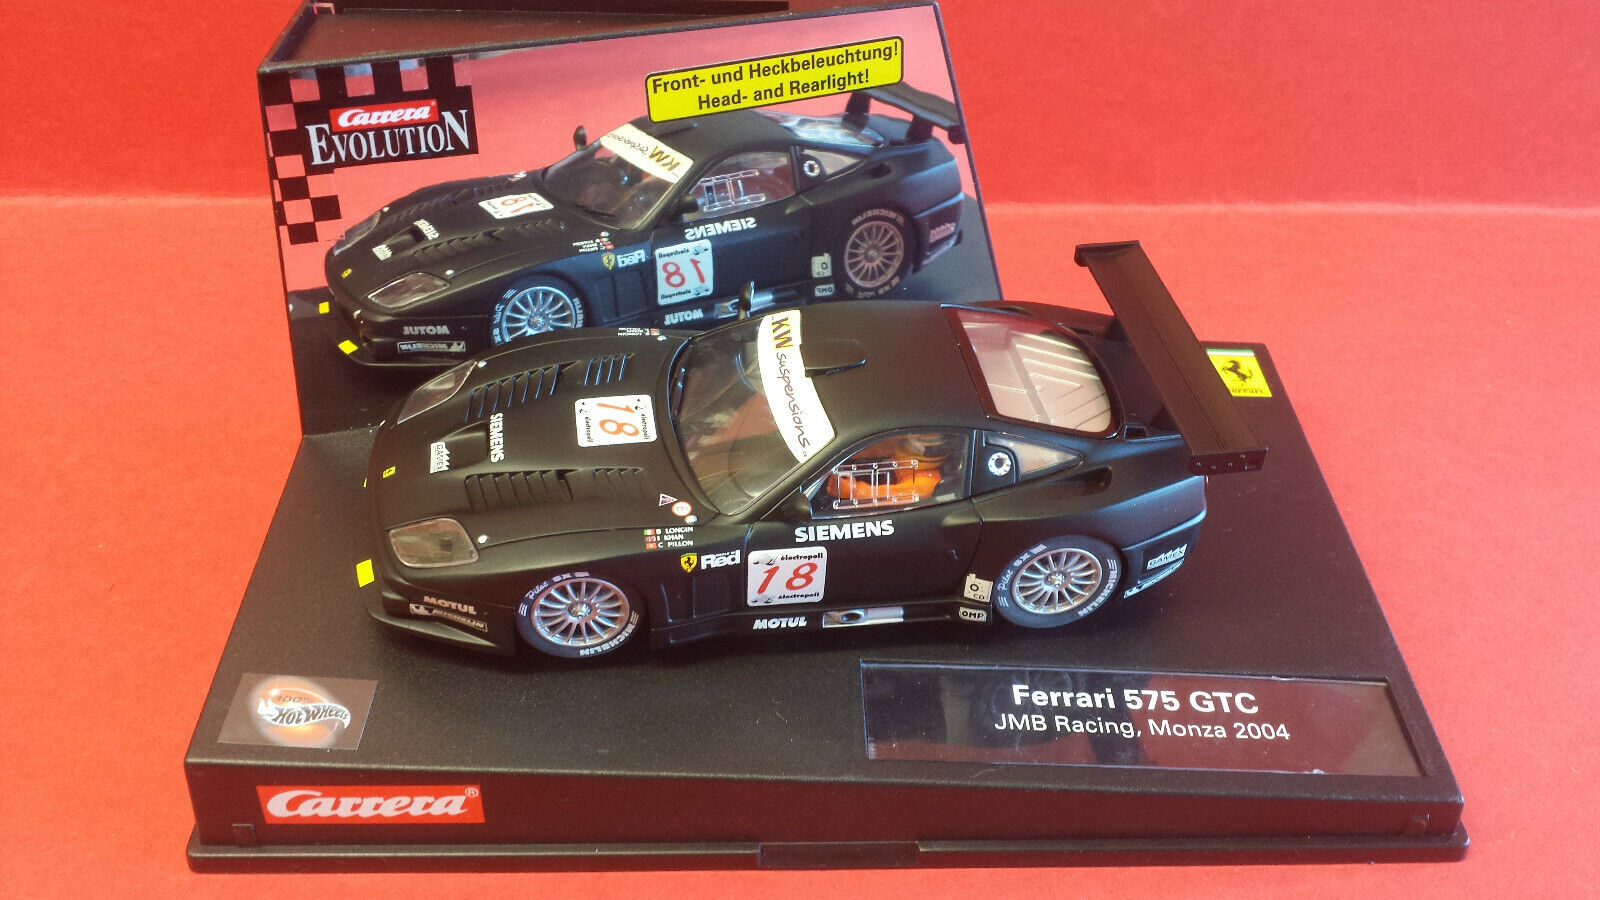 CARRERA EVO 25752 FERRARI 575 GTC JMB RACING 2004 1 32 SCALEXTRIC COMPATABLE..